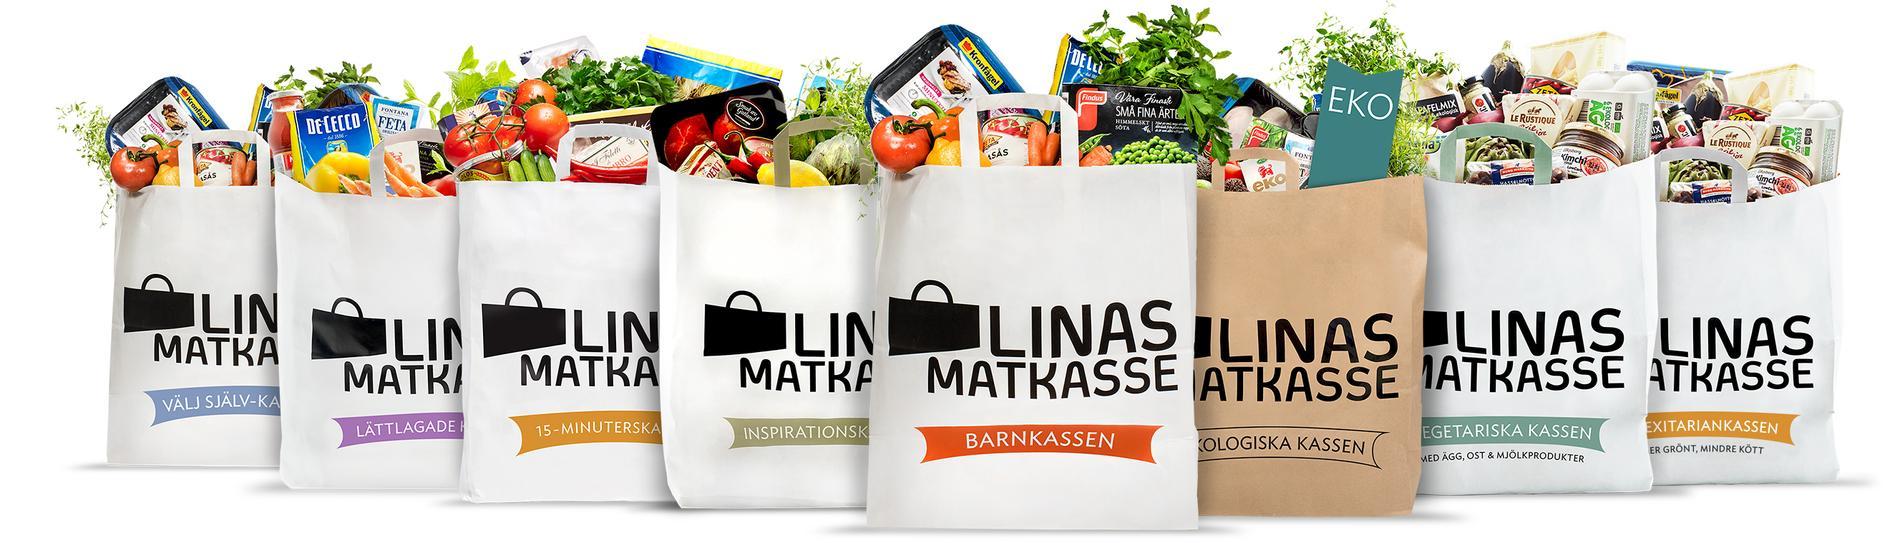 Linas Matkasse vill inte annonsera på Samhällsnytt, före detta Avpixlat.